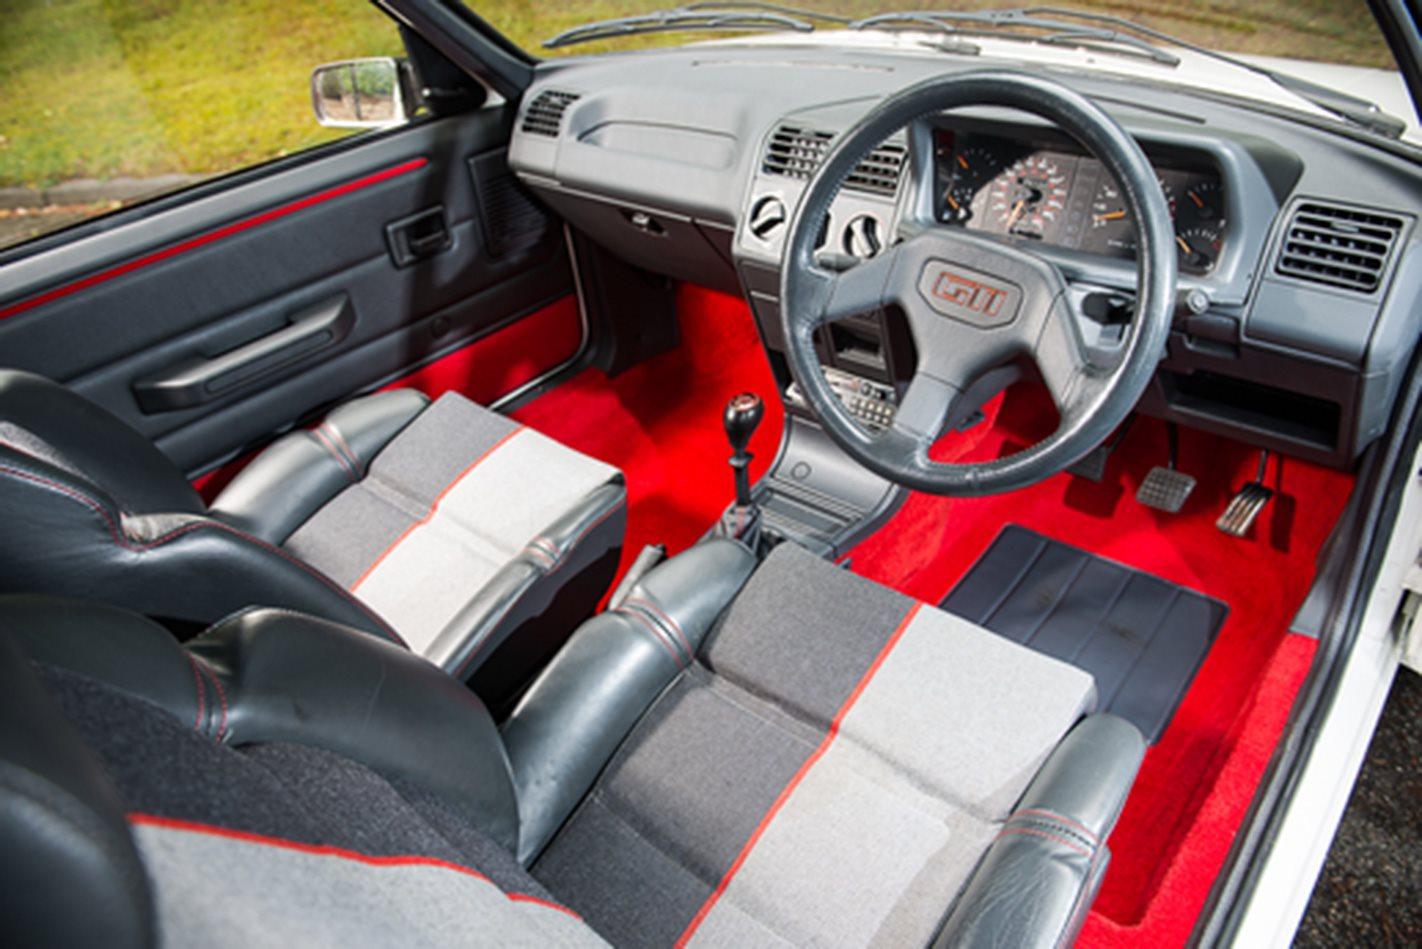 Peugeot 205 GTi interior